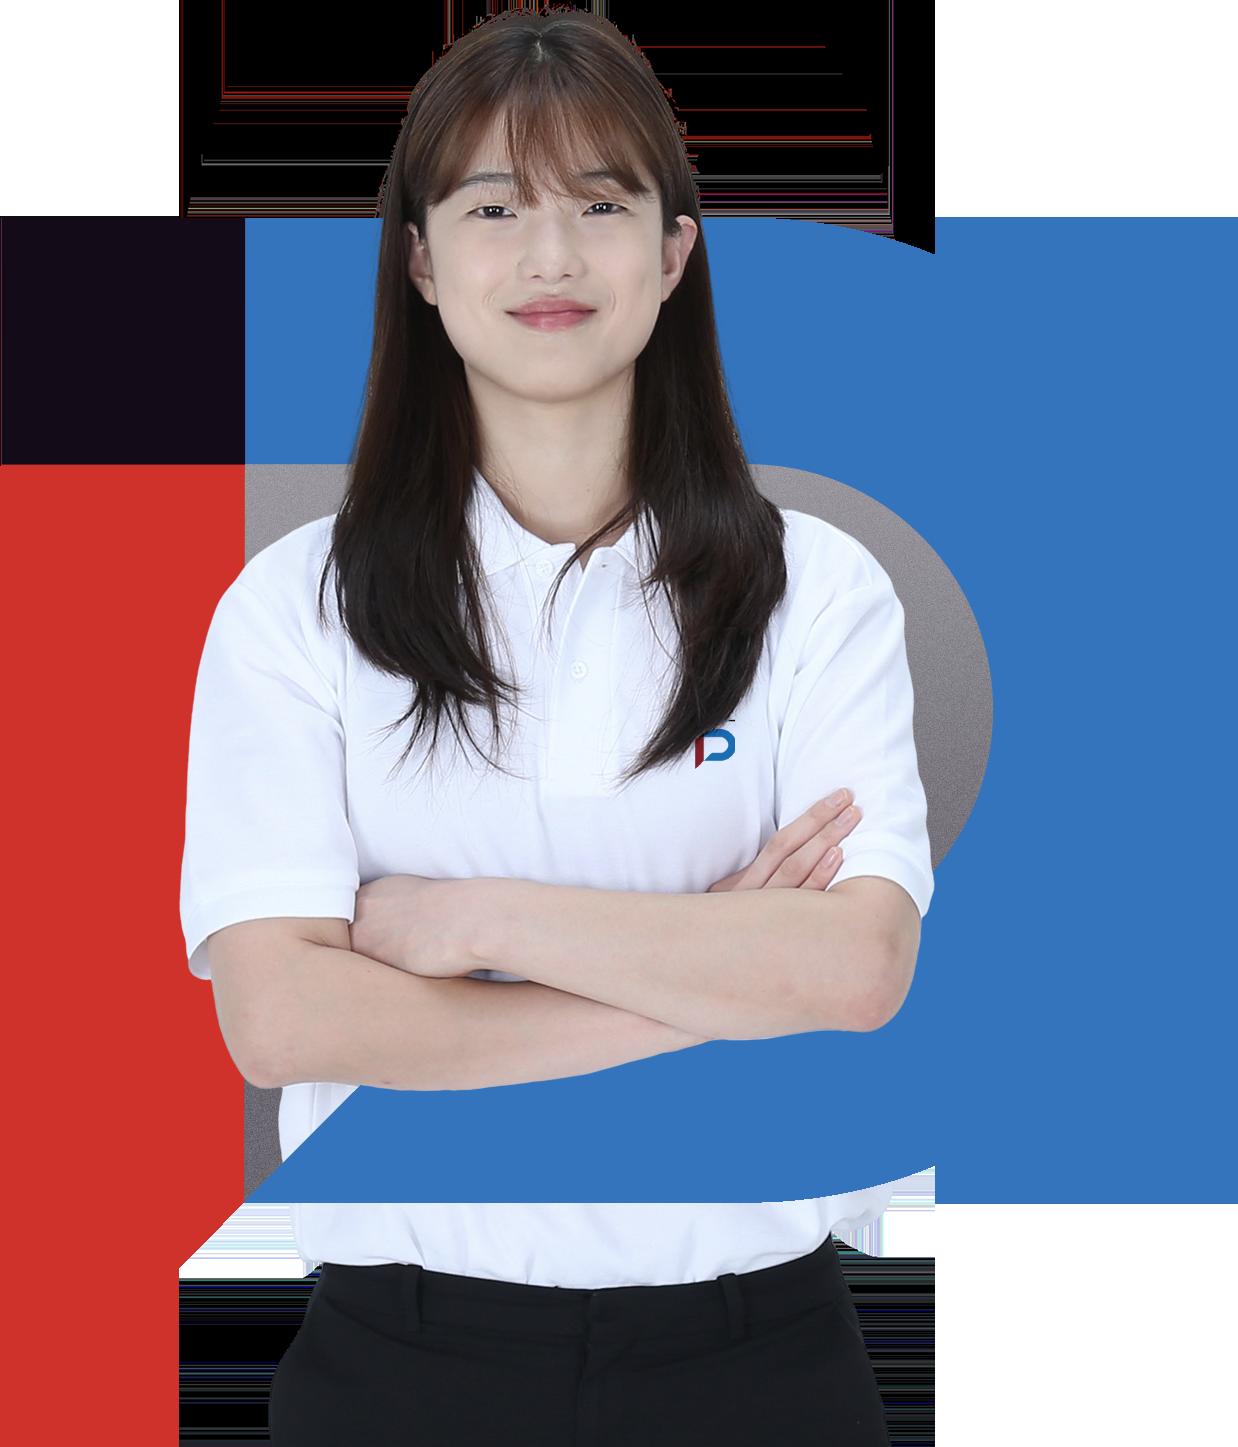 퍼포먼스피지오 인천점 이정민 팀장 프로필 사진